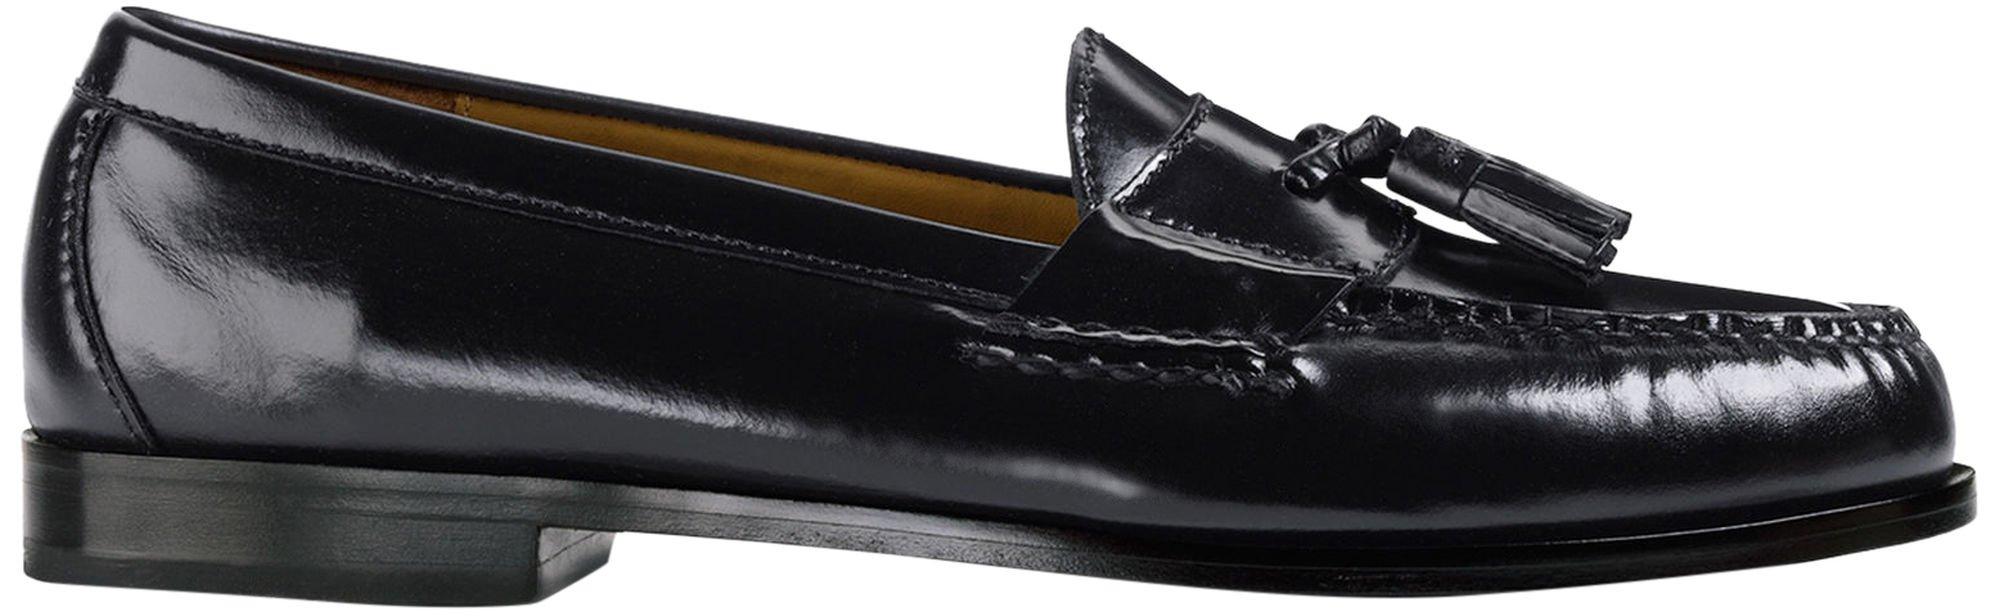 Cole Haan Men's Pinch Tassel Loafer, Black, 10.5 D US